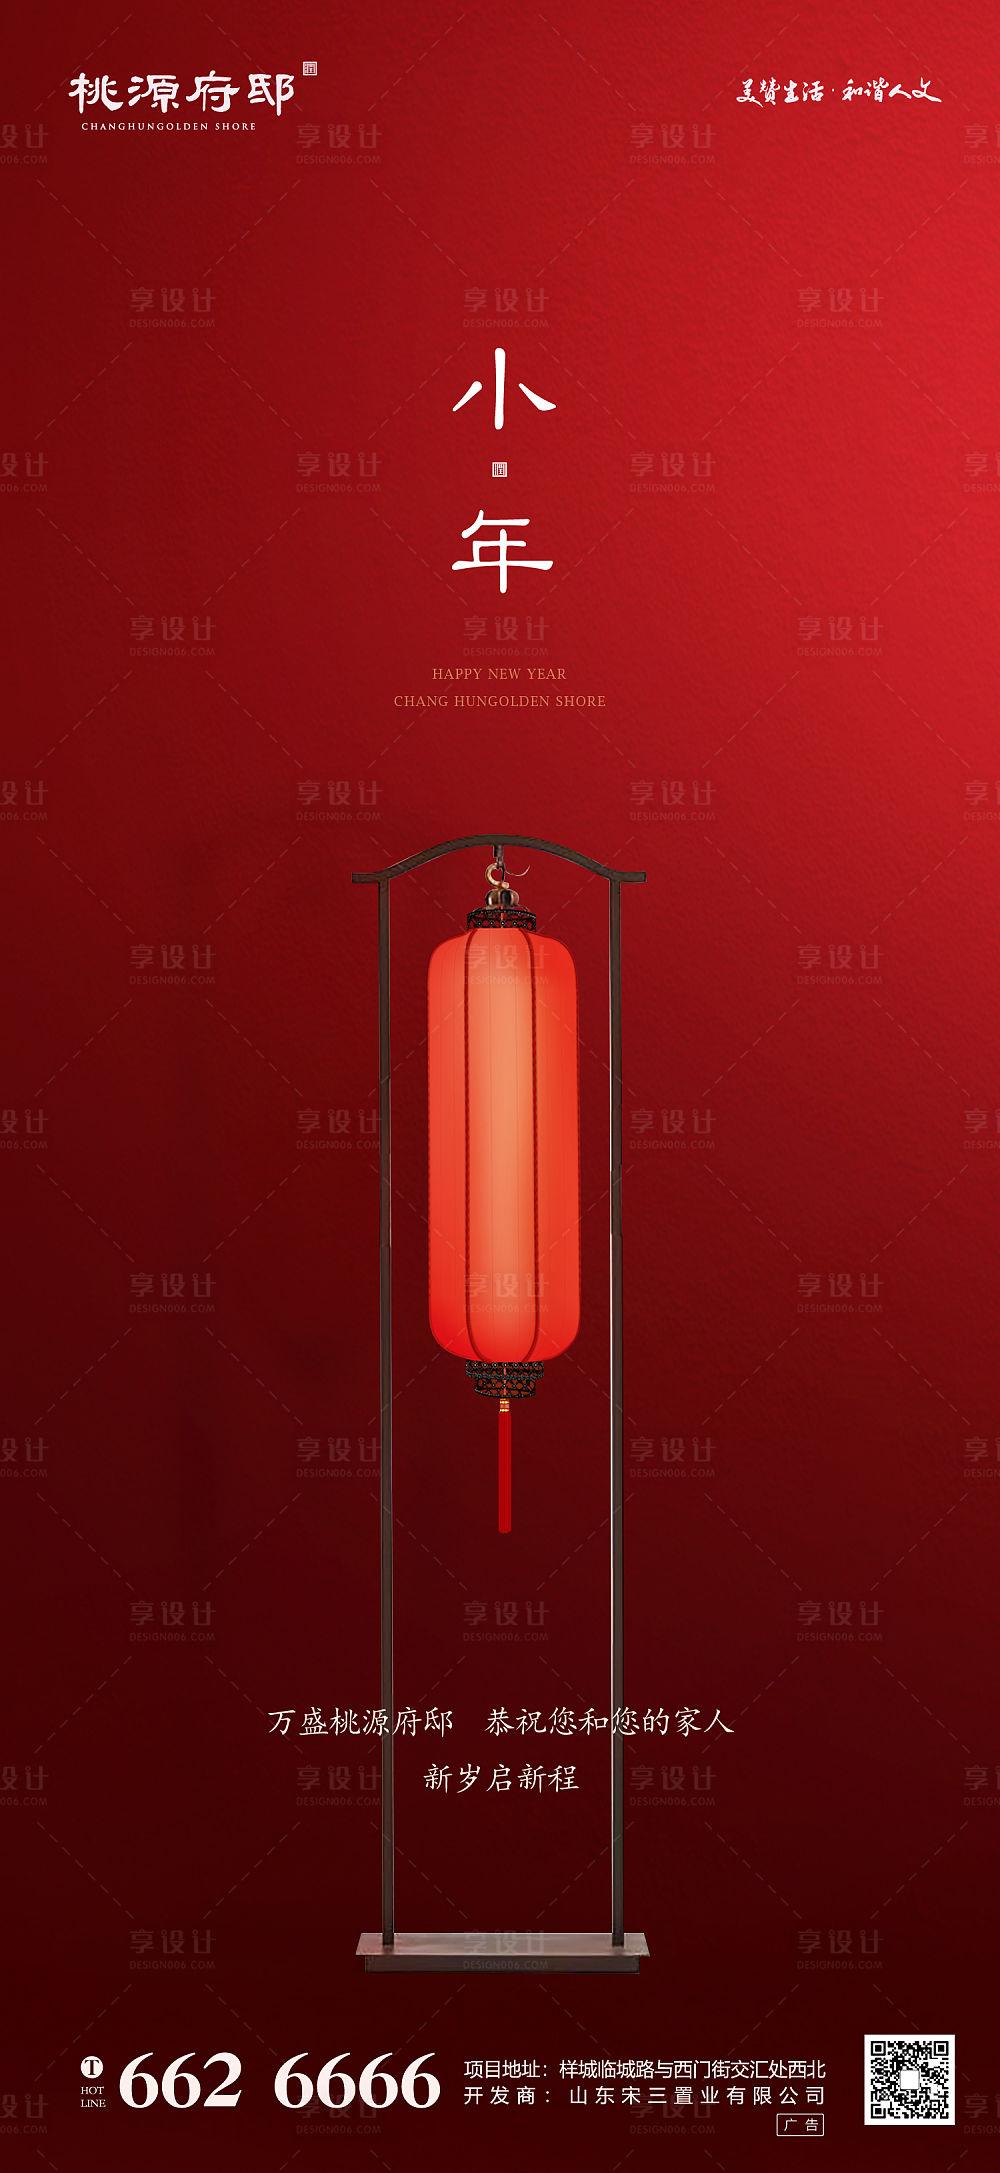 【源文件下载】 海报 房地产 小年 春节 中国传统节日 新中式 灯笼 设计作品 设计图集